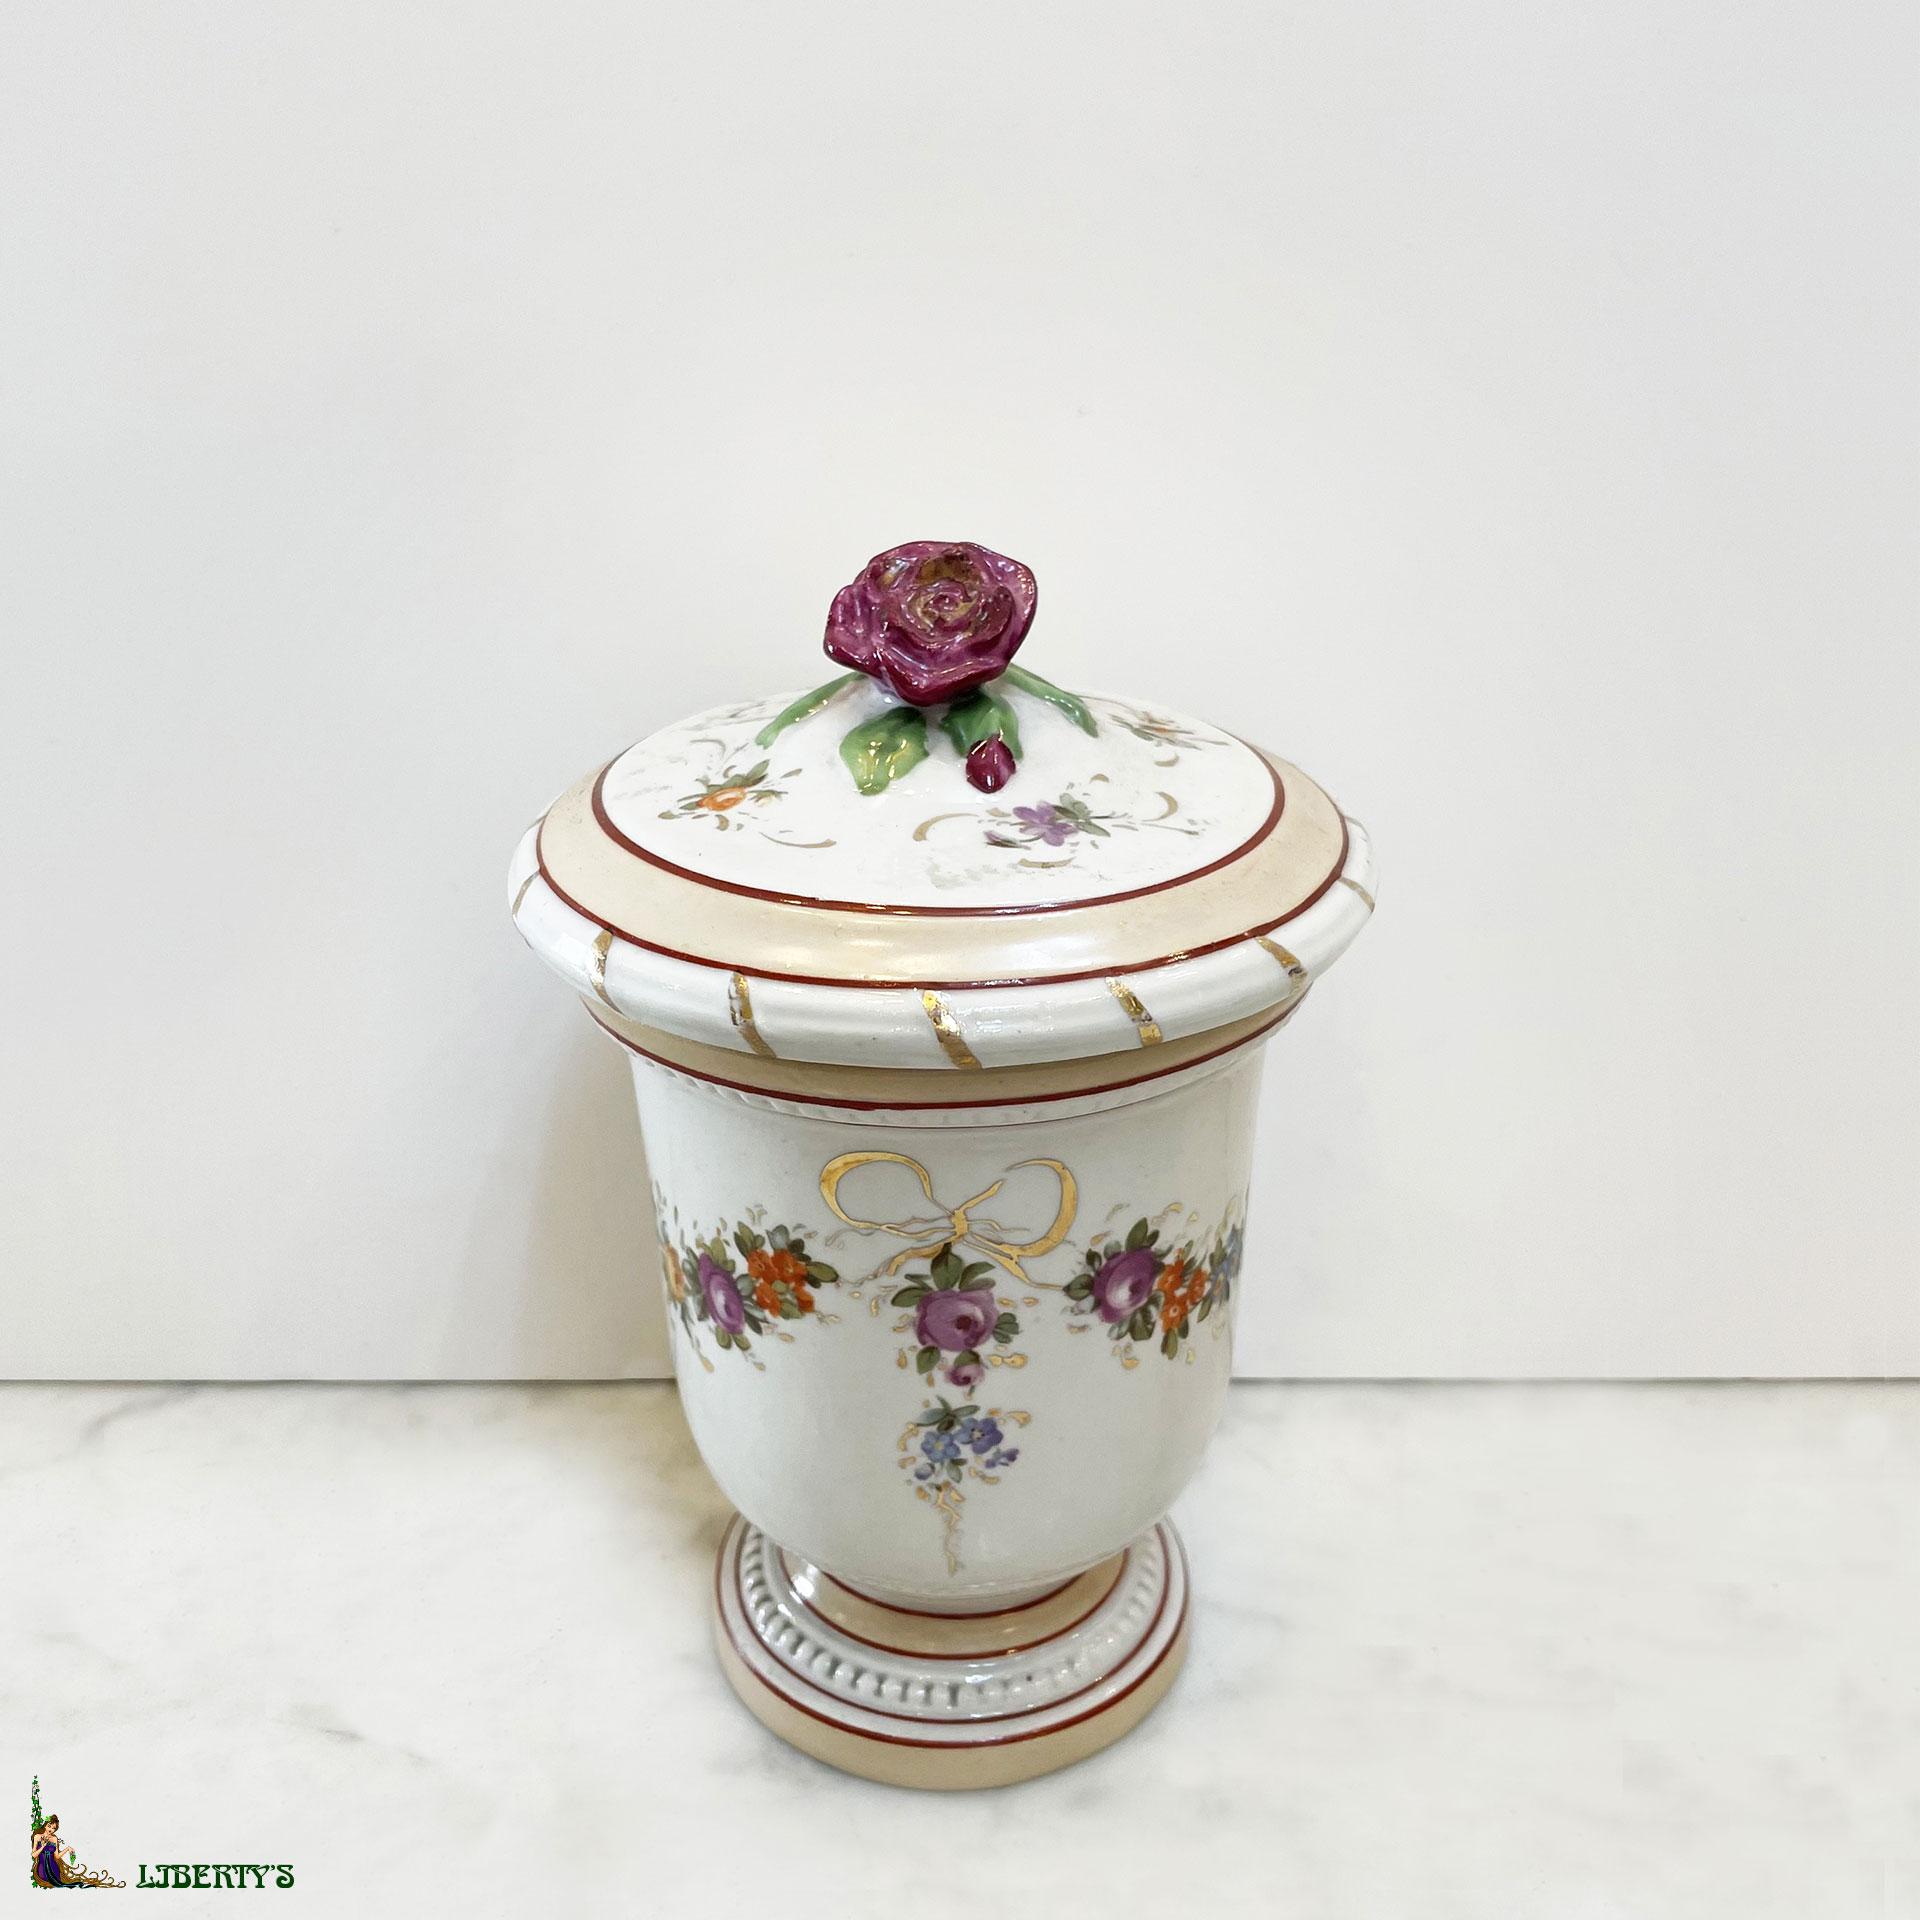 liberty 39 s antiques porcelain porcelaine et biscuit items for sale objets en vente. Black Bedroom Furniture Sets. Home Design Ideas